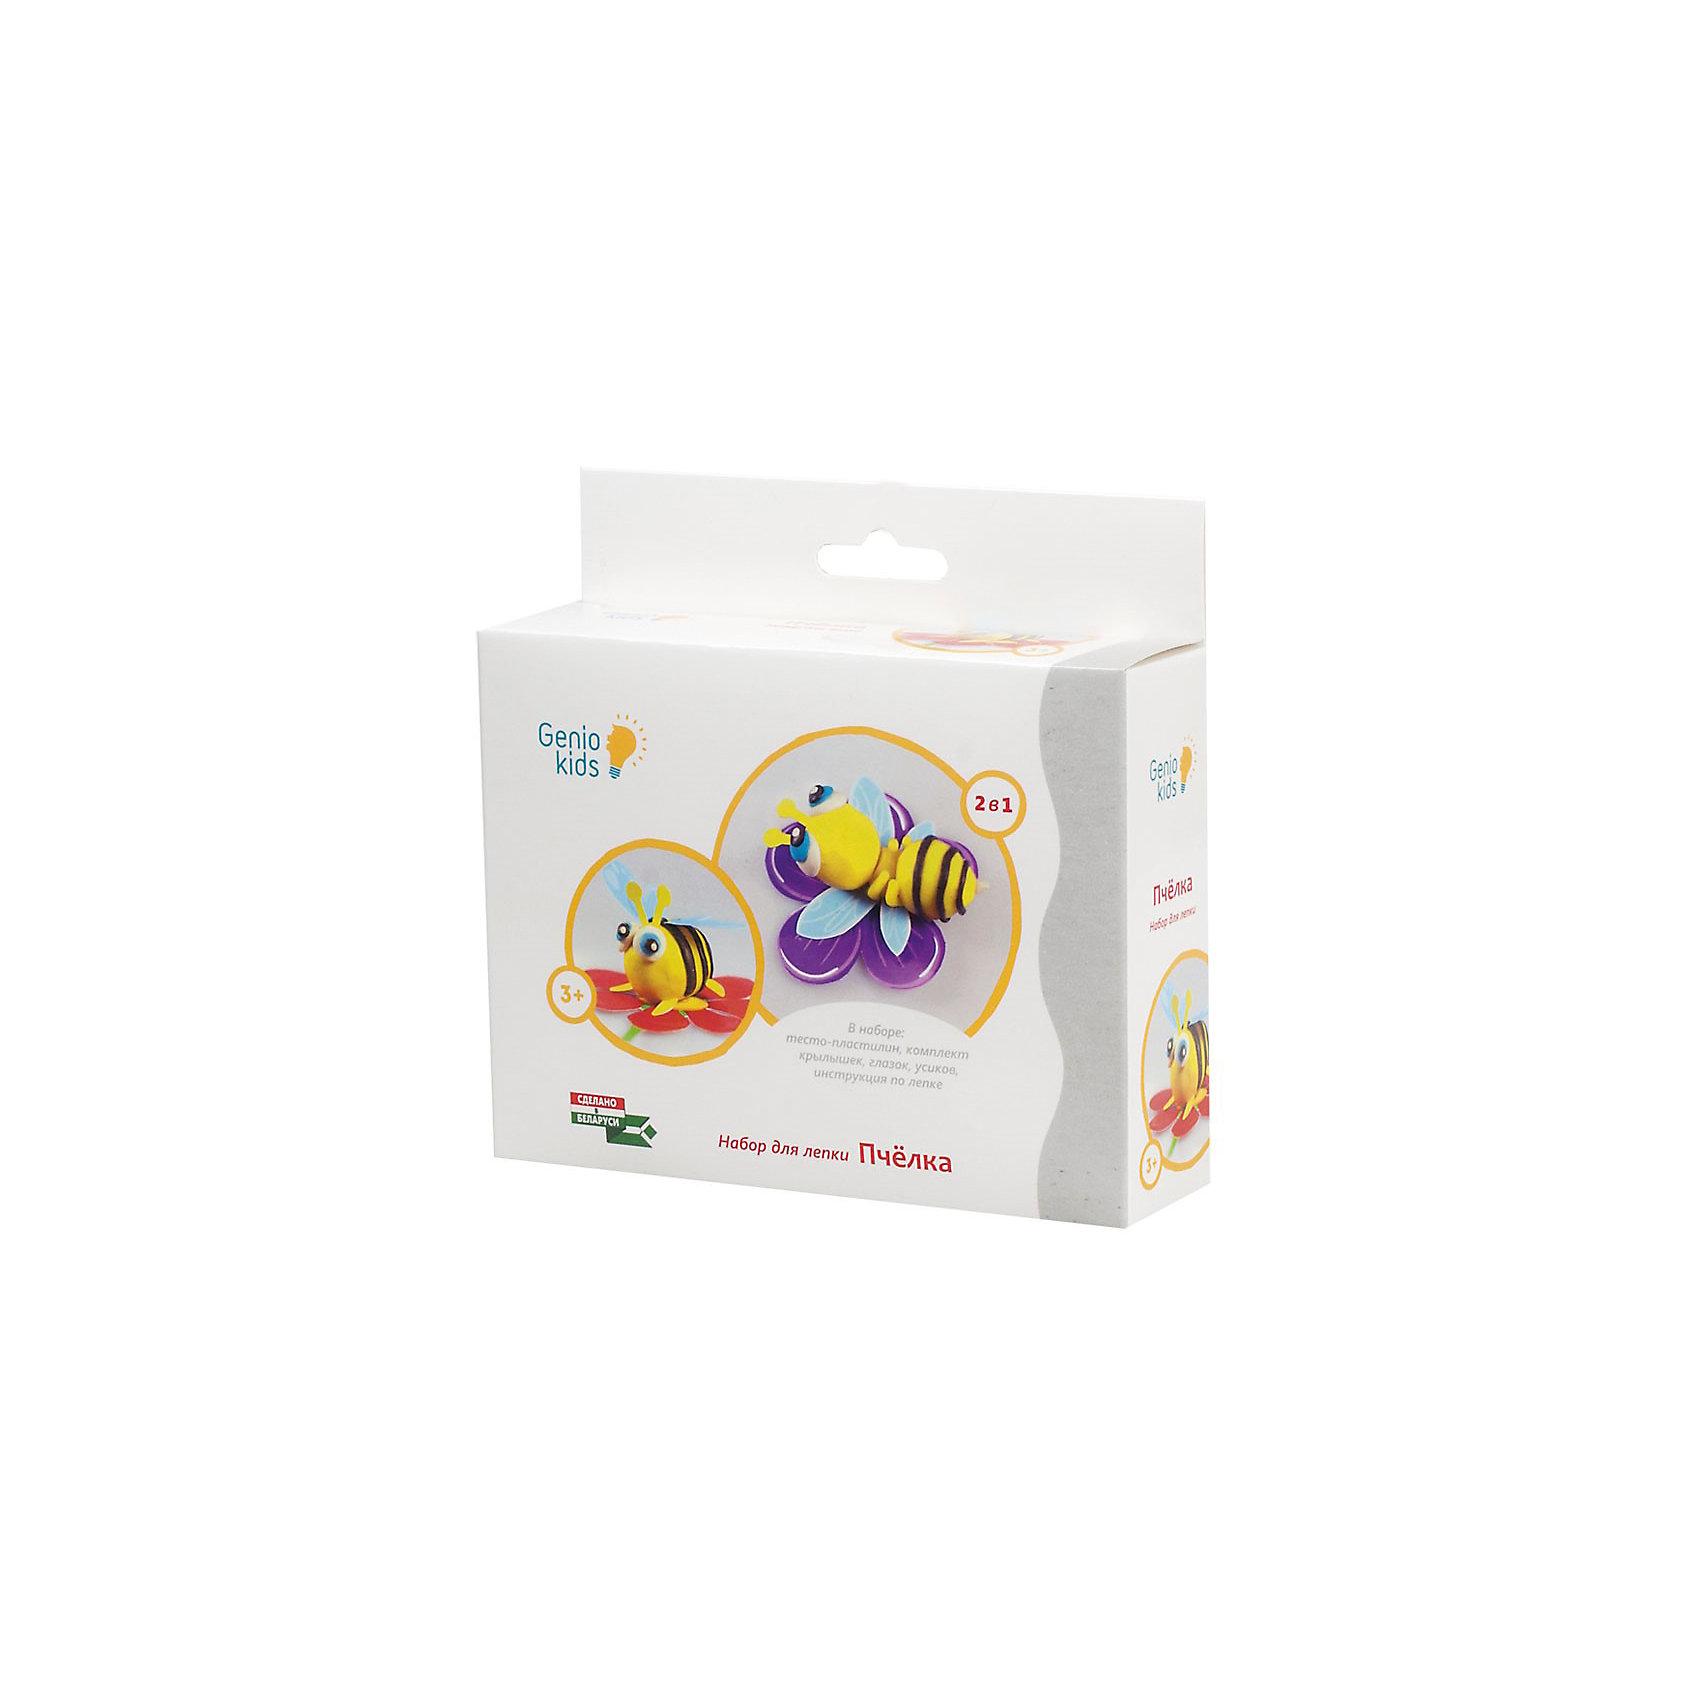 Набор для детского творчества ПчёлкаЛепка<br>Характеристики товара:<br><br>• упаковка: коробка<br>• комплектация: разноцветное тесто-пластилин, комплект крылышек усиков, глазок на картоне формат А6<br>• материал: пшеничная мука<br>• цветов: 5<br>• вес одного пакета с пластилином: 20 г<br>• возраст: от трех лет<br>• развивающая<br>• страна бренда: Беларусь<br>• страна производства: Беларусь<br><br>Лепка из пластилина - отличный способ занять ребенка. Это не только занимательно, но и очень полезно! С помощью такого набора для творчества ребенок сможет научиться делать фигурку пчелки с помощью инструкции, а дальше - делать более сложные предметы. Тесто-пластилин - это натуральный и безопасный маетриал из пшеничной муки. В комплекте - пластилин пяти расцветок и предметы для создания фигурки.<br>Такое занятие помогает детям развивать многие важные навыки и способности: они тренируют внимание, память, логику, мышление, мелкую моторику, а также усидчивость и аккуратность. Изделие производится из качественных сертифицированных материалов, безопасных даже для самых маленьких.<br><br>Набор для детского творчества Пчёлка от бренда Genio Kids можно купить в нашем интернет-магазине.<br><br>Ширина мм: 145<br>Глубина мм: 140<br>Высота мм: 40<br>Вес г: 150<br>Возраст от месяцев: 36<br>Возраст до месяцев: 108<br>Пол: Унисекс<br>Возраст: Детский<br>SKU: 5018315